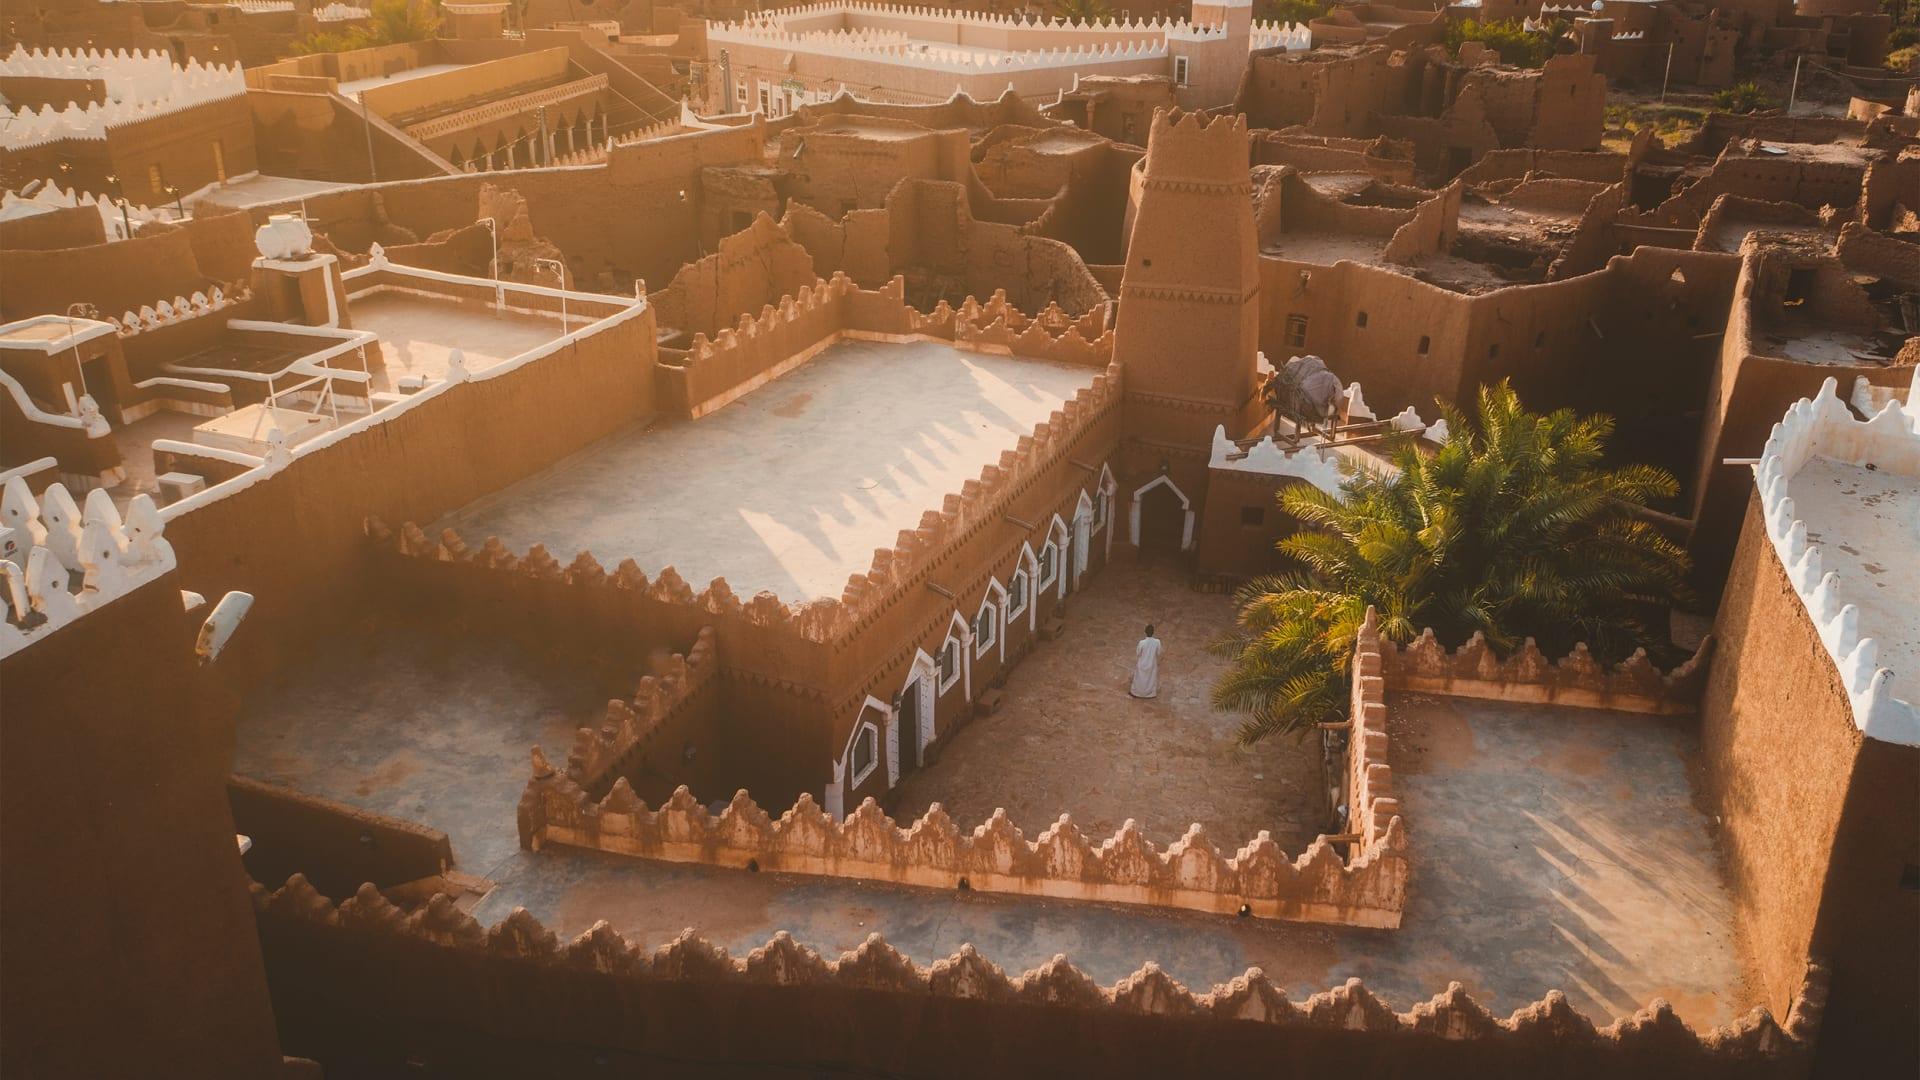 المصور فرحان سعود اللويش يوثق جبال المسمى في مدينة حائل السعودية